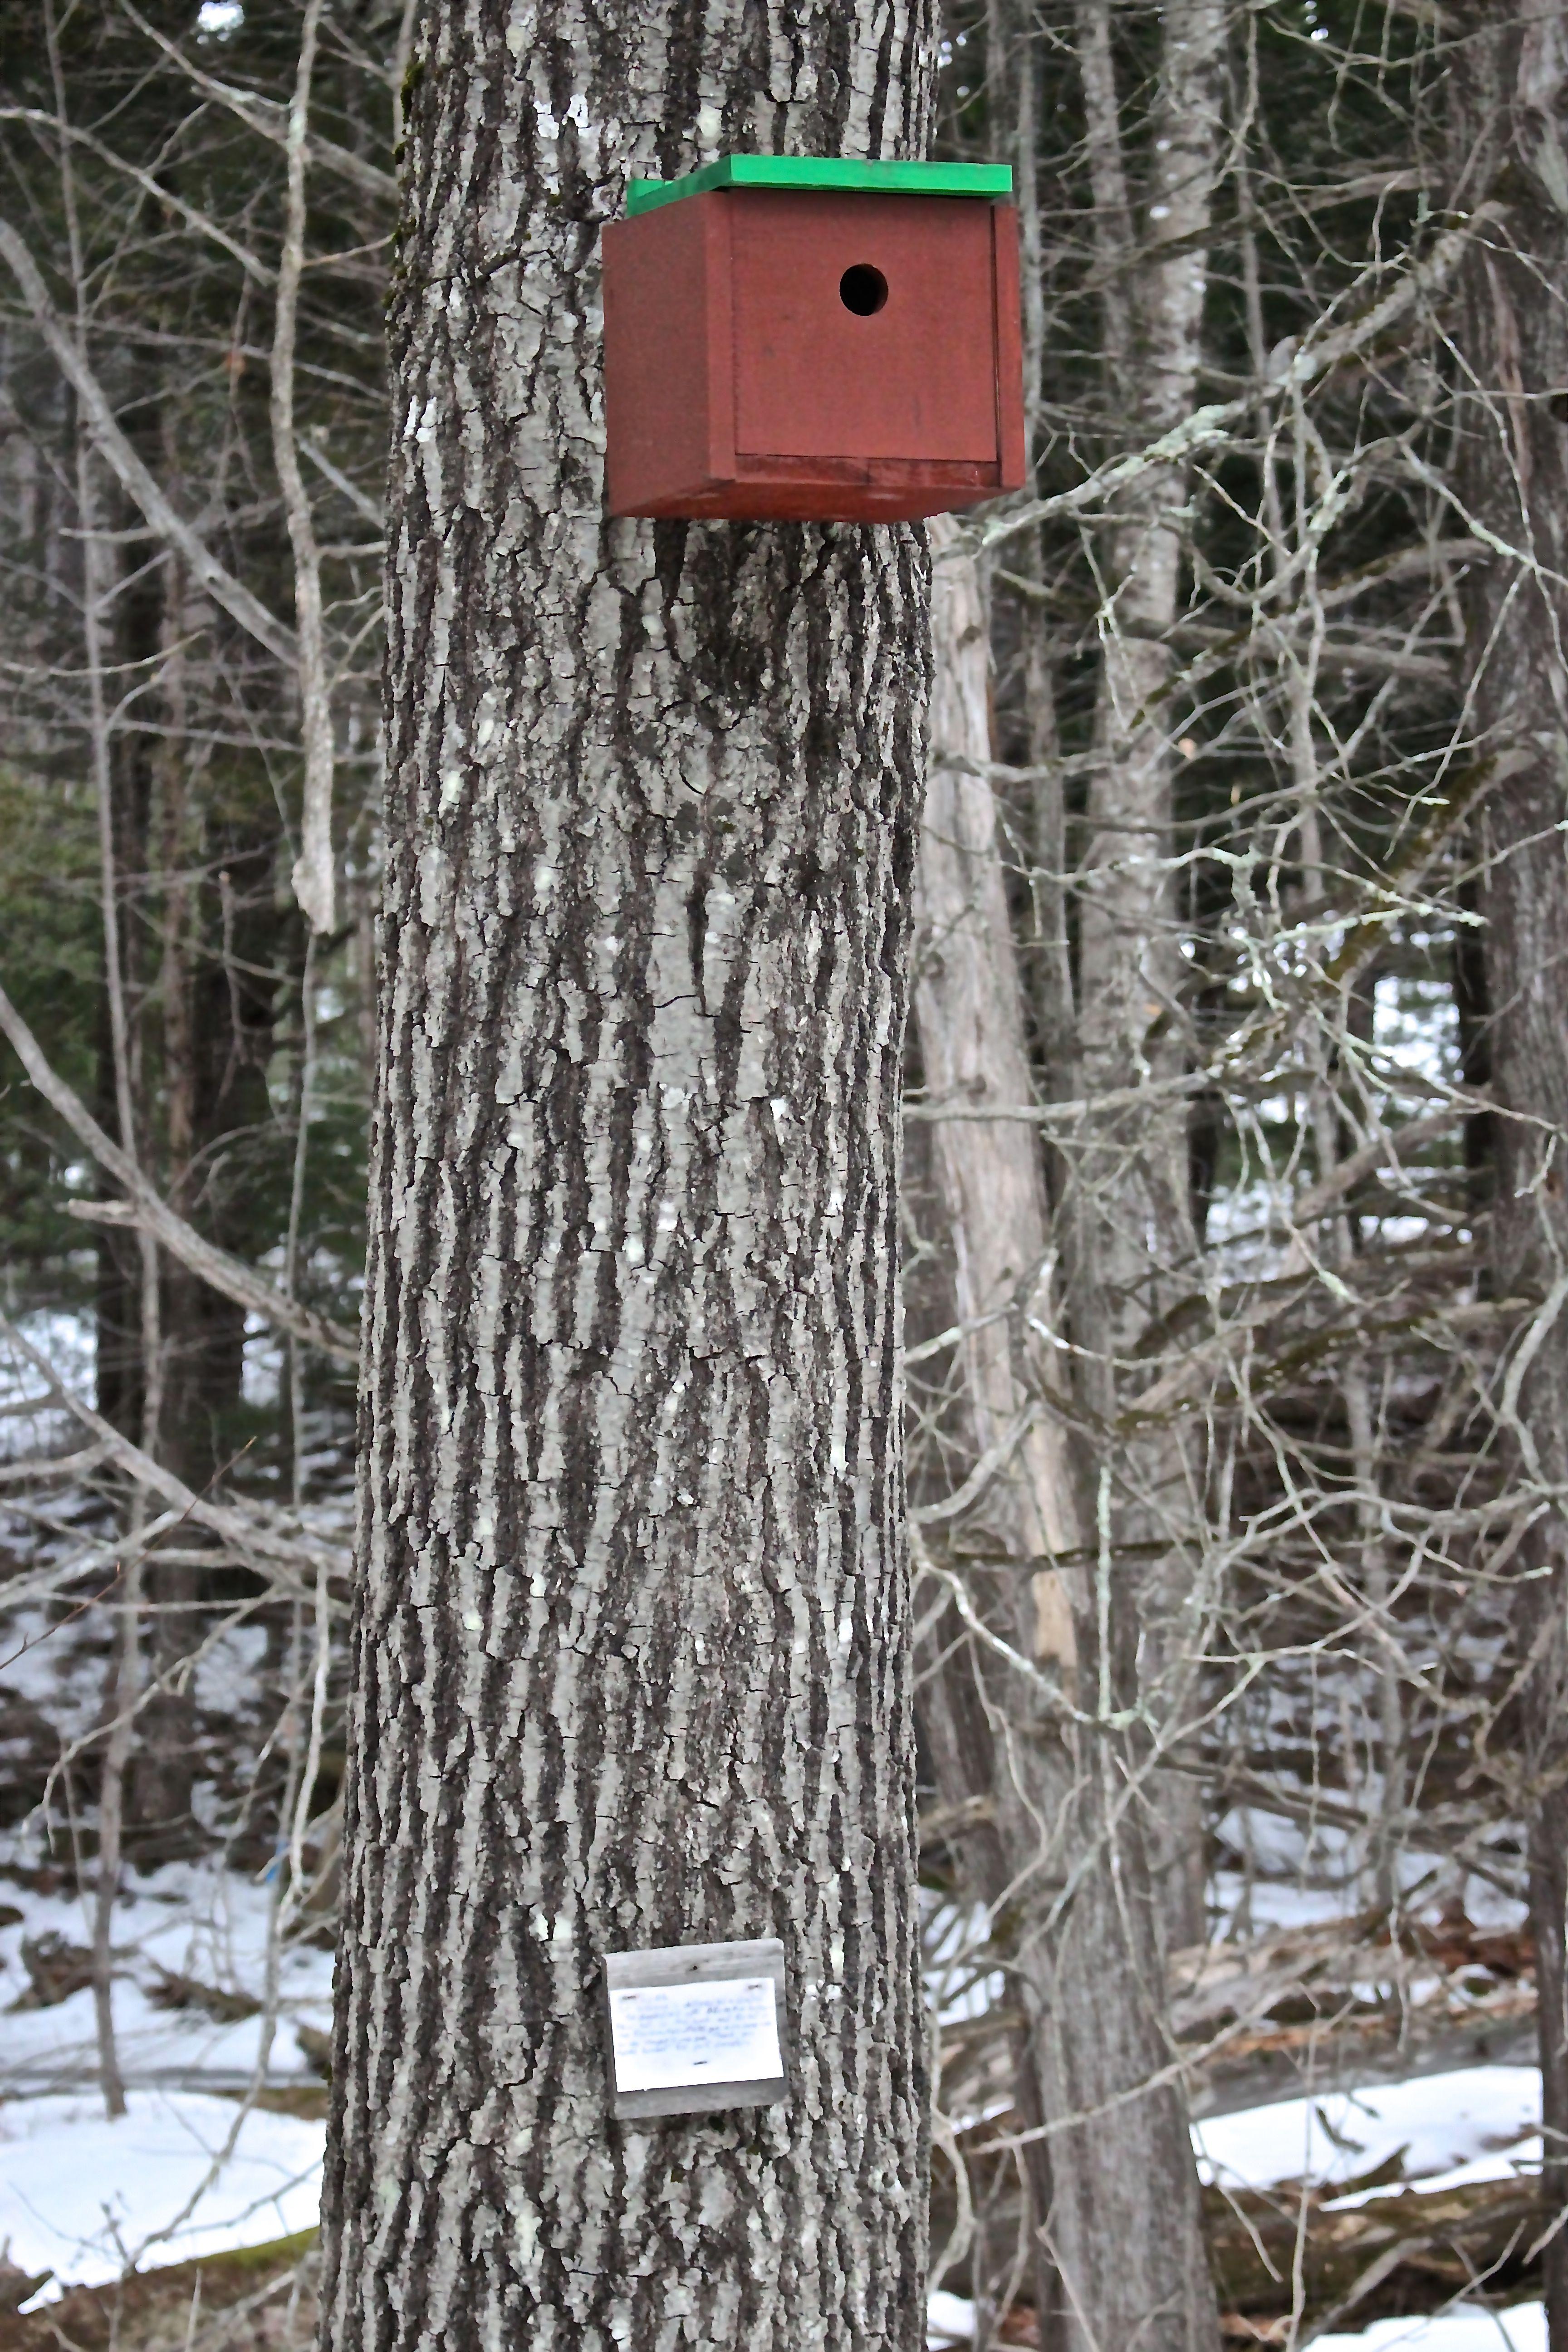 r-birdhouse